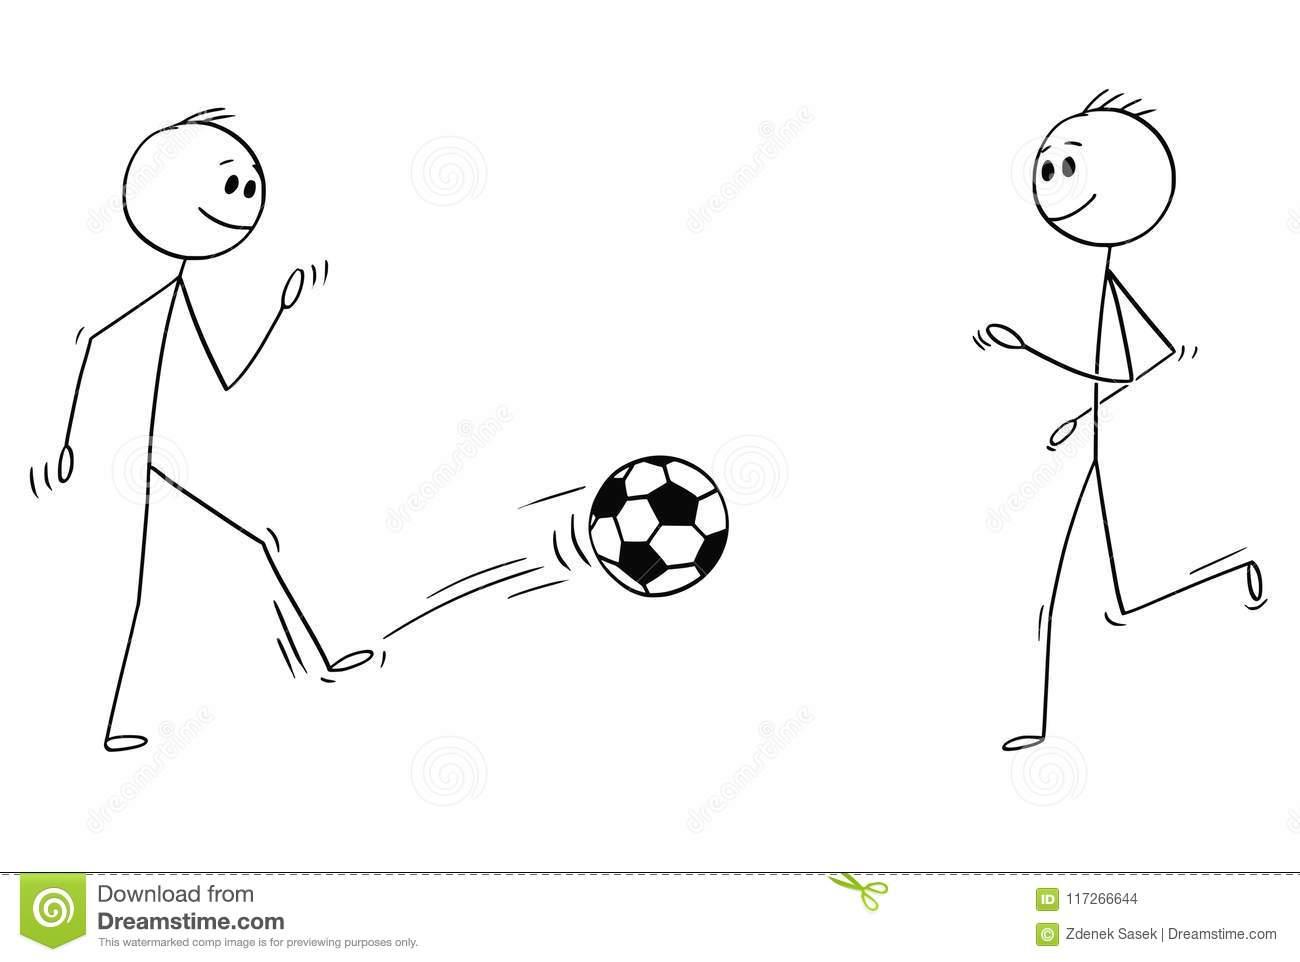 Fotboll och grillning @ Fotbollsplanen, von Reisers skola